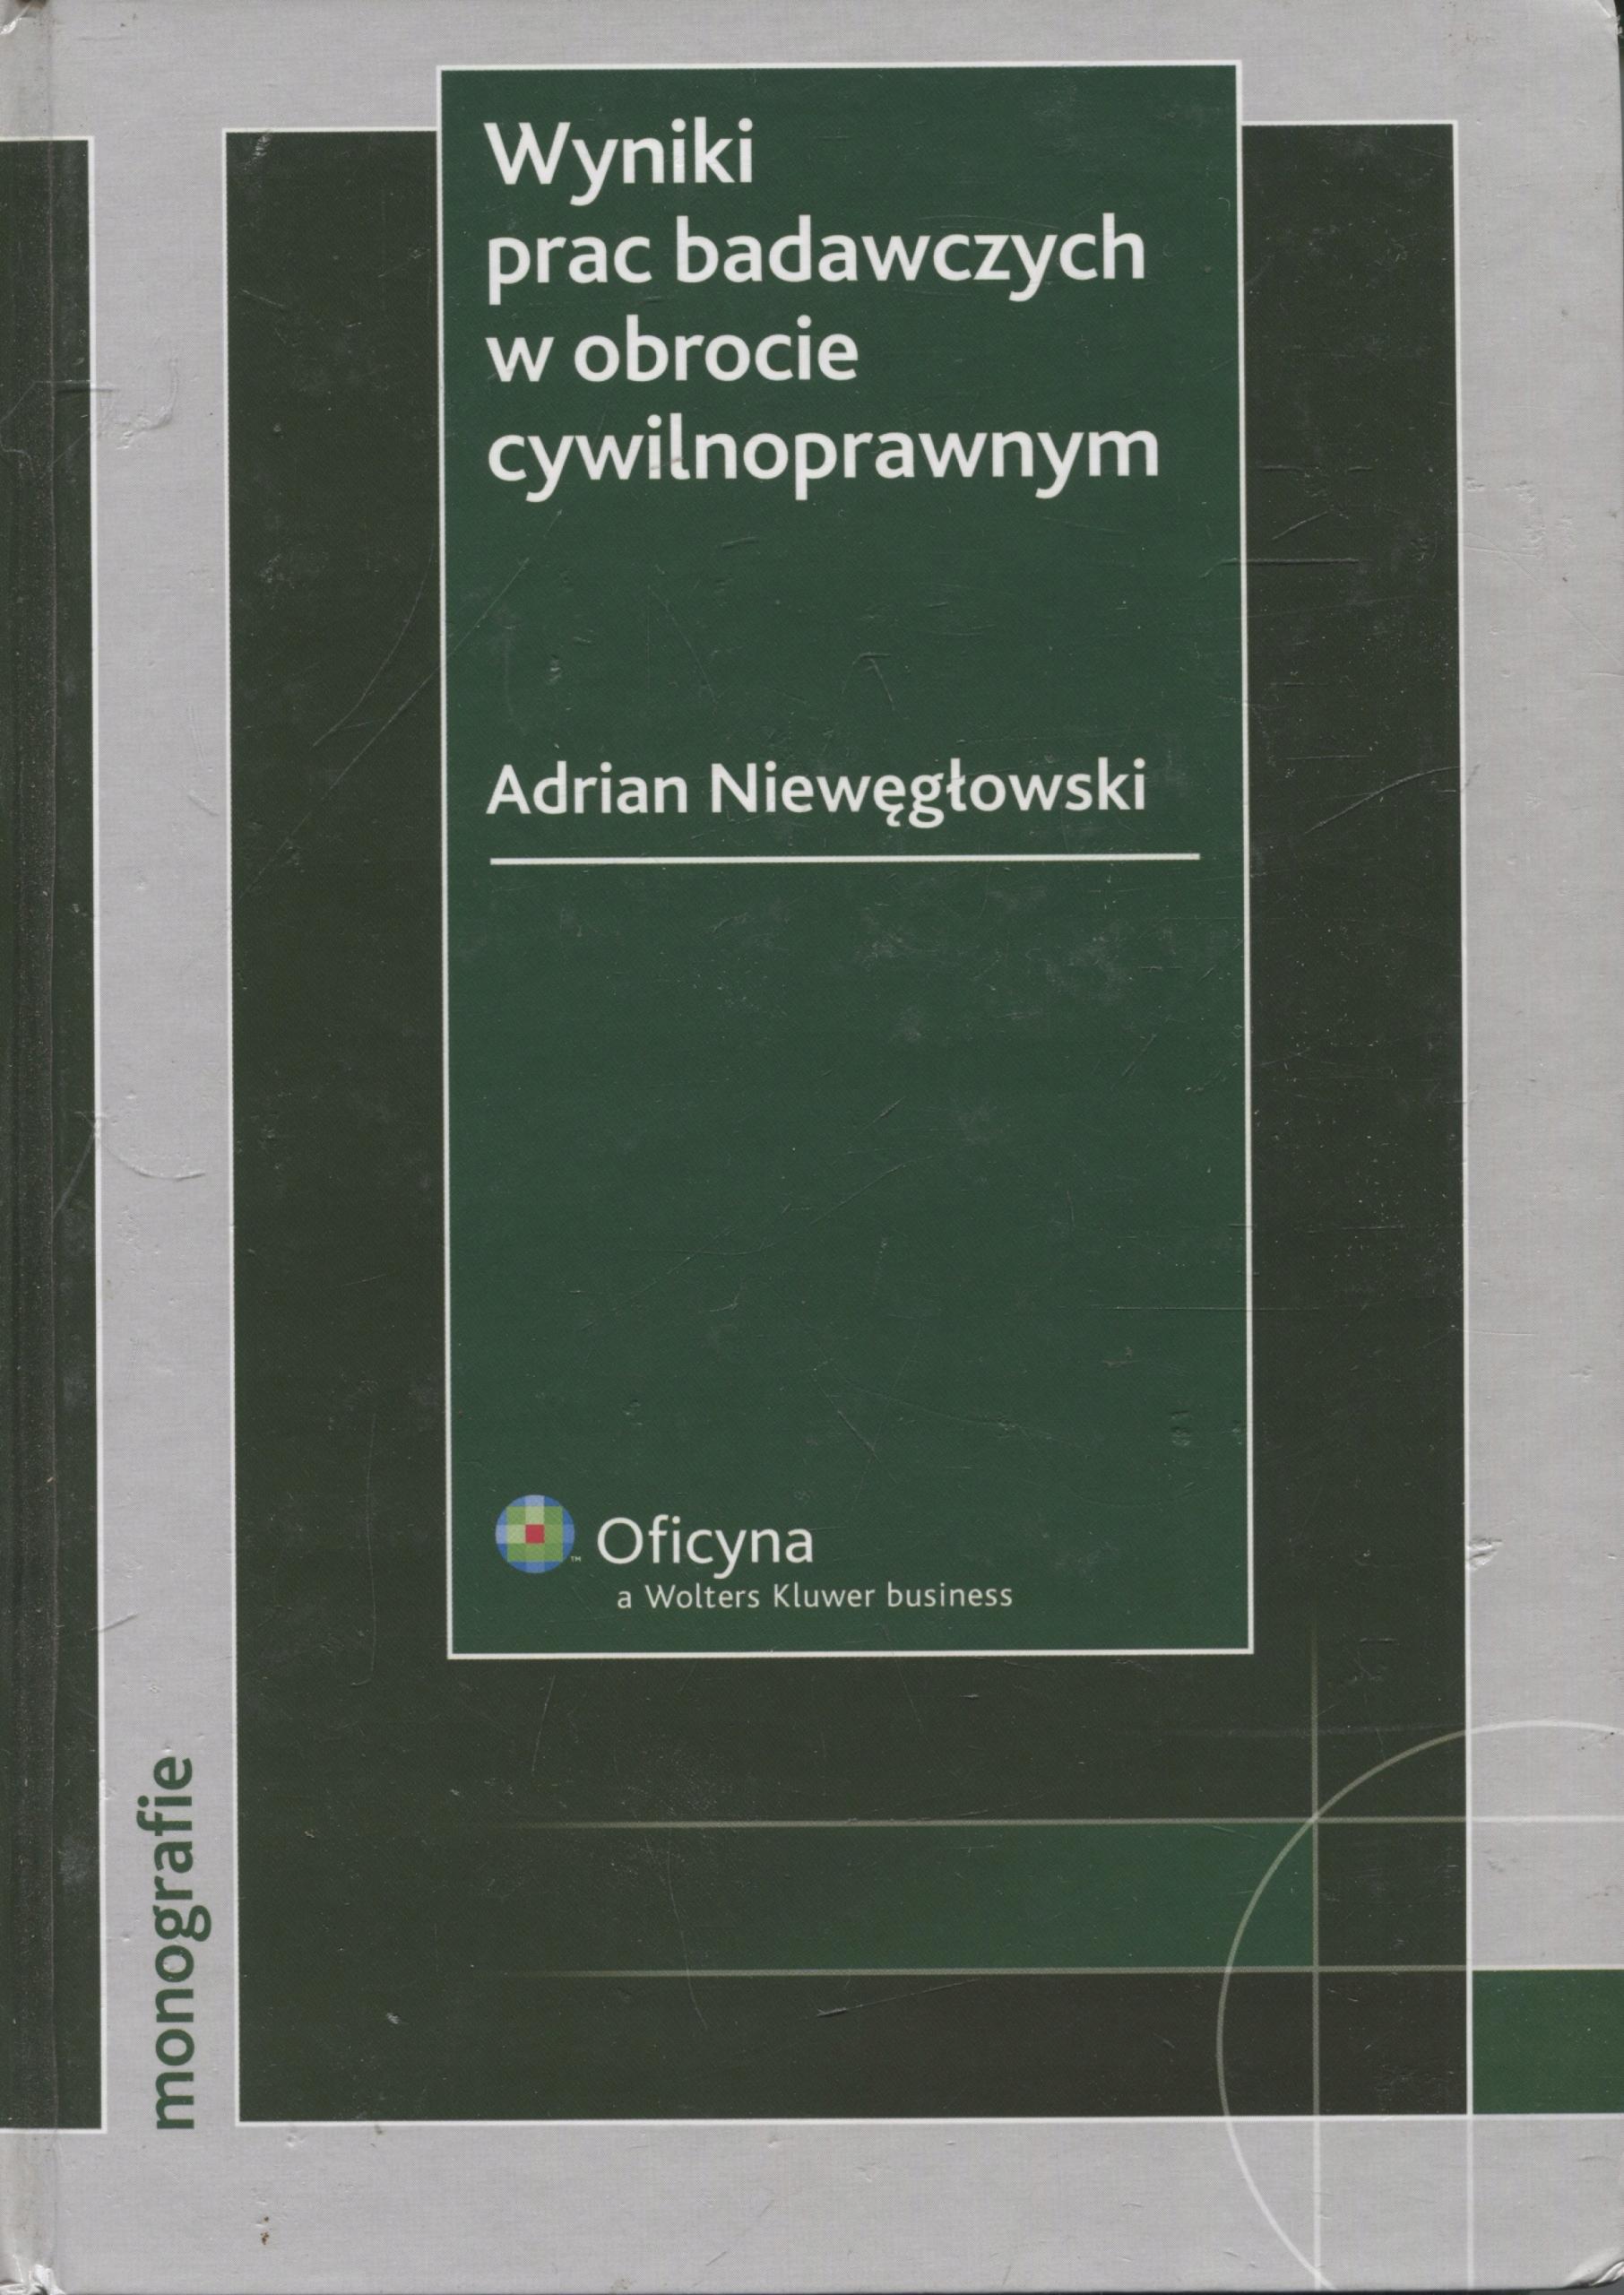 Wyniki prac badawczych wobrocie cywilnoprawnym. Adrian Niewęgłowski